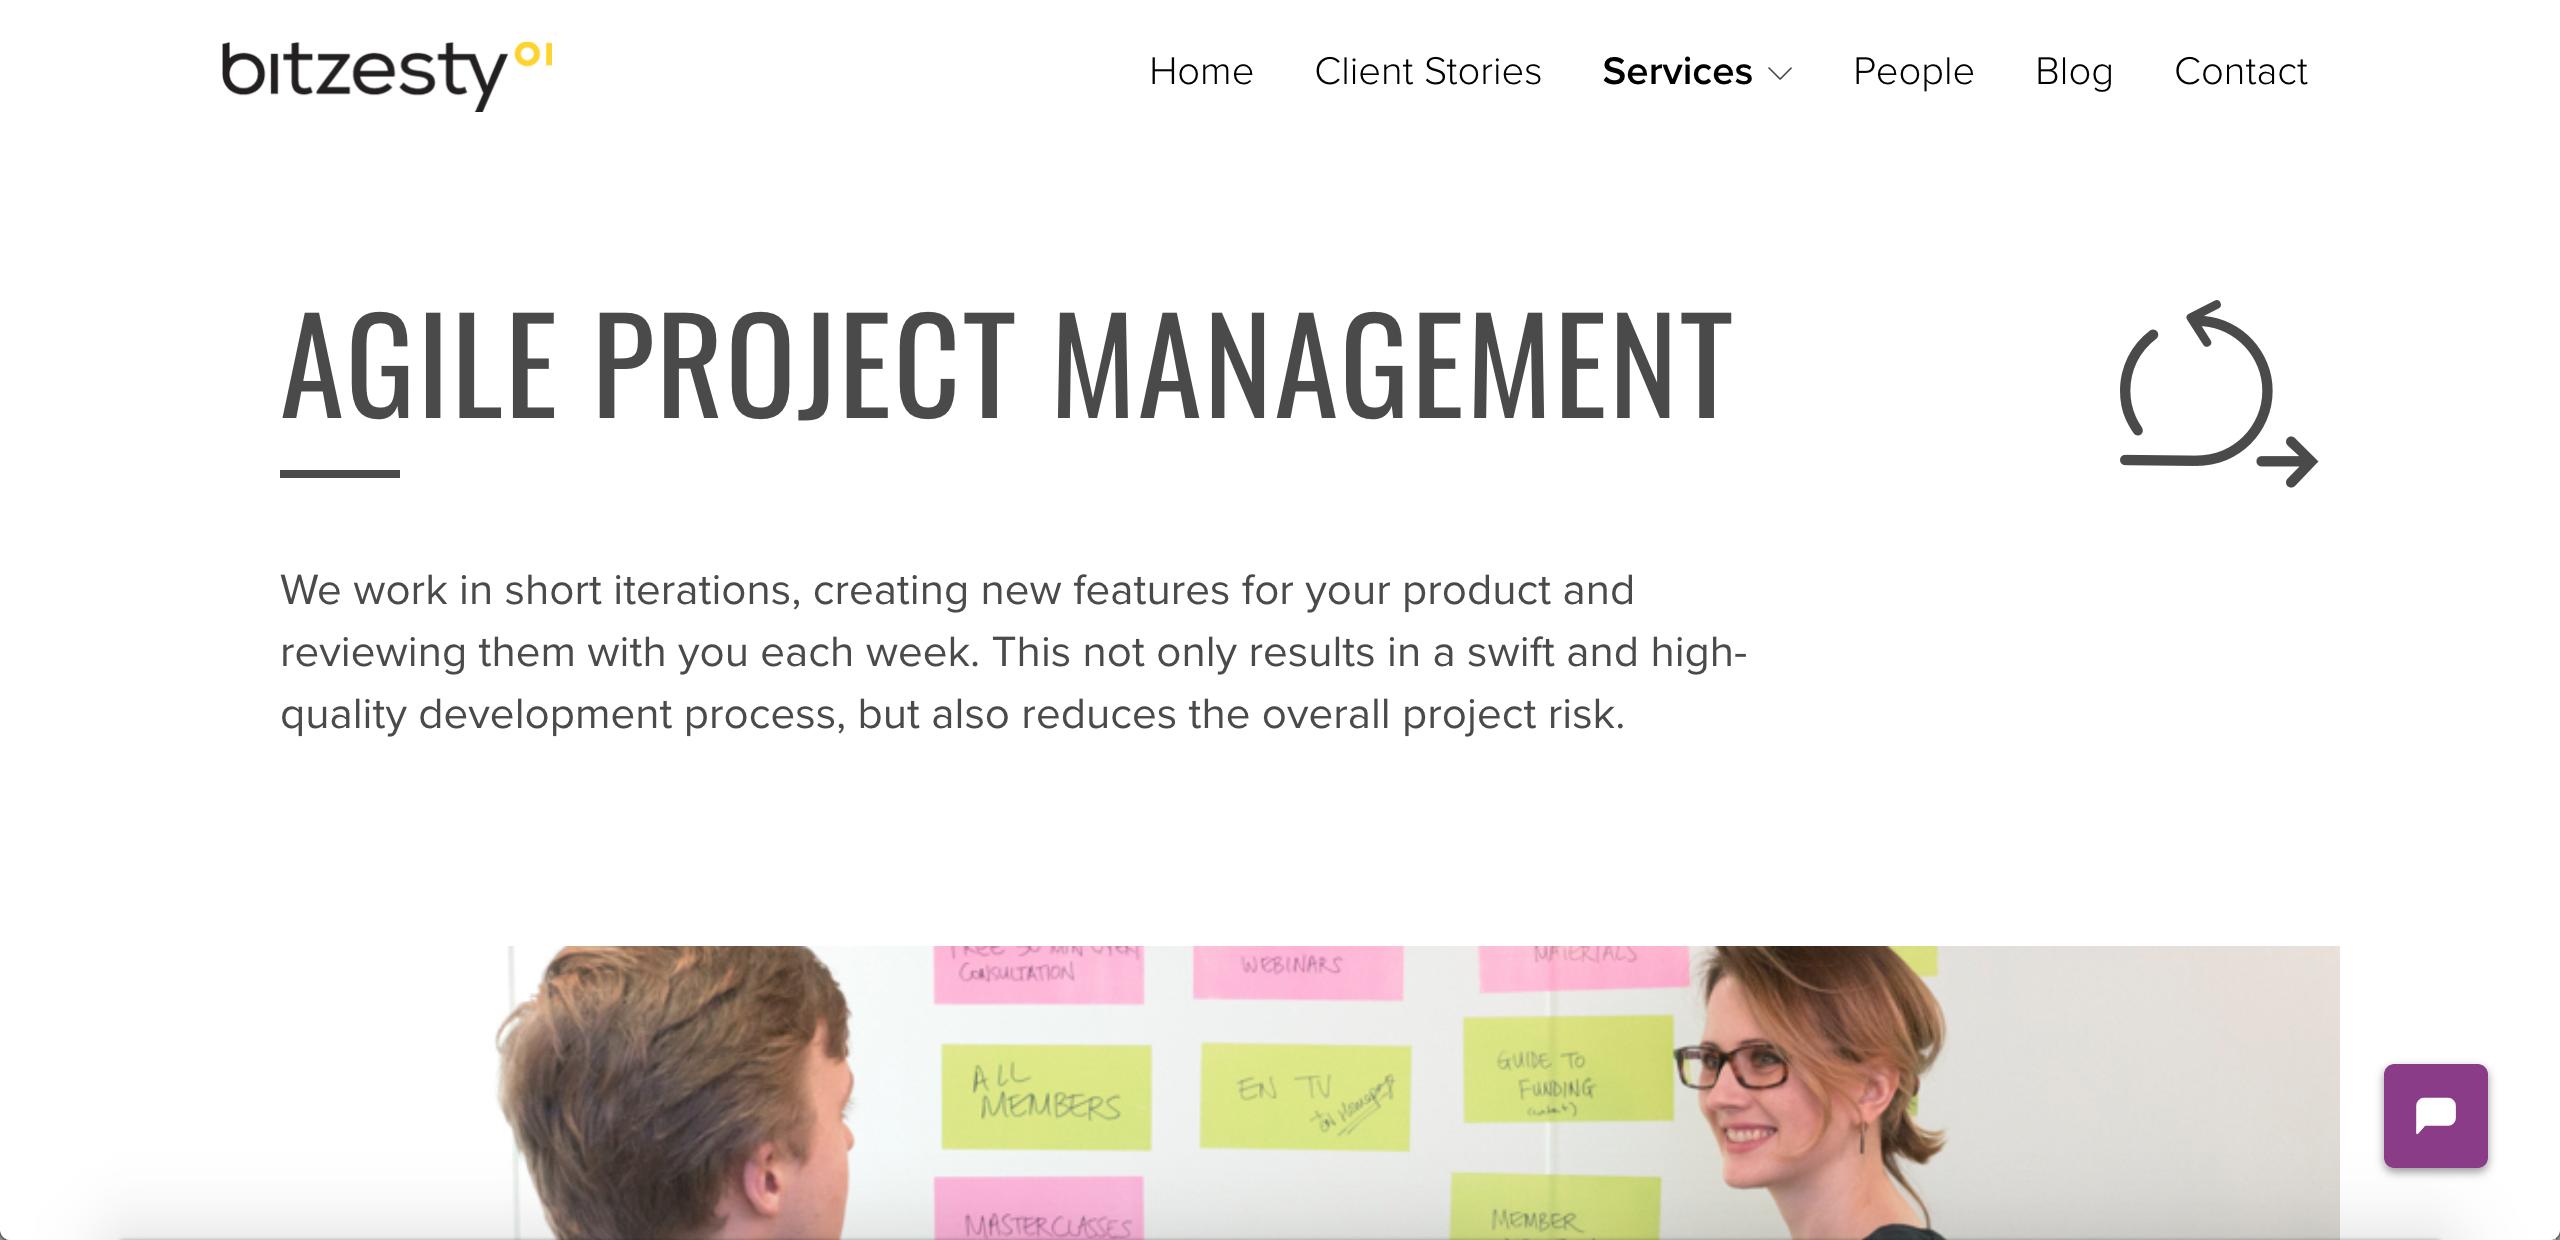 Bit Zesty agile project management service page